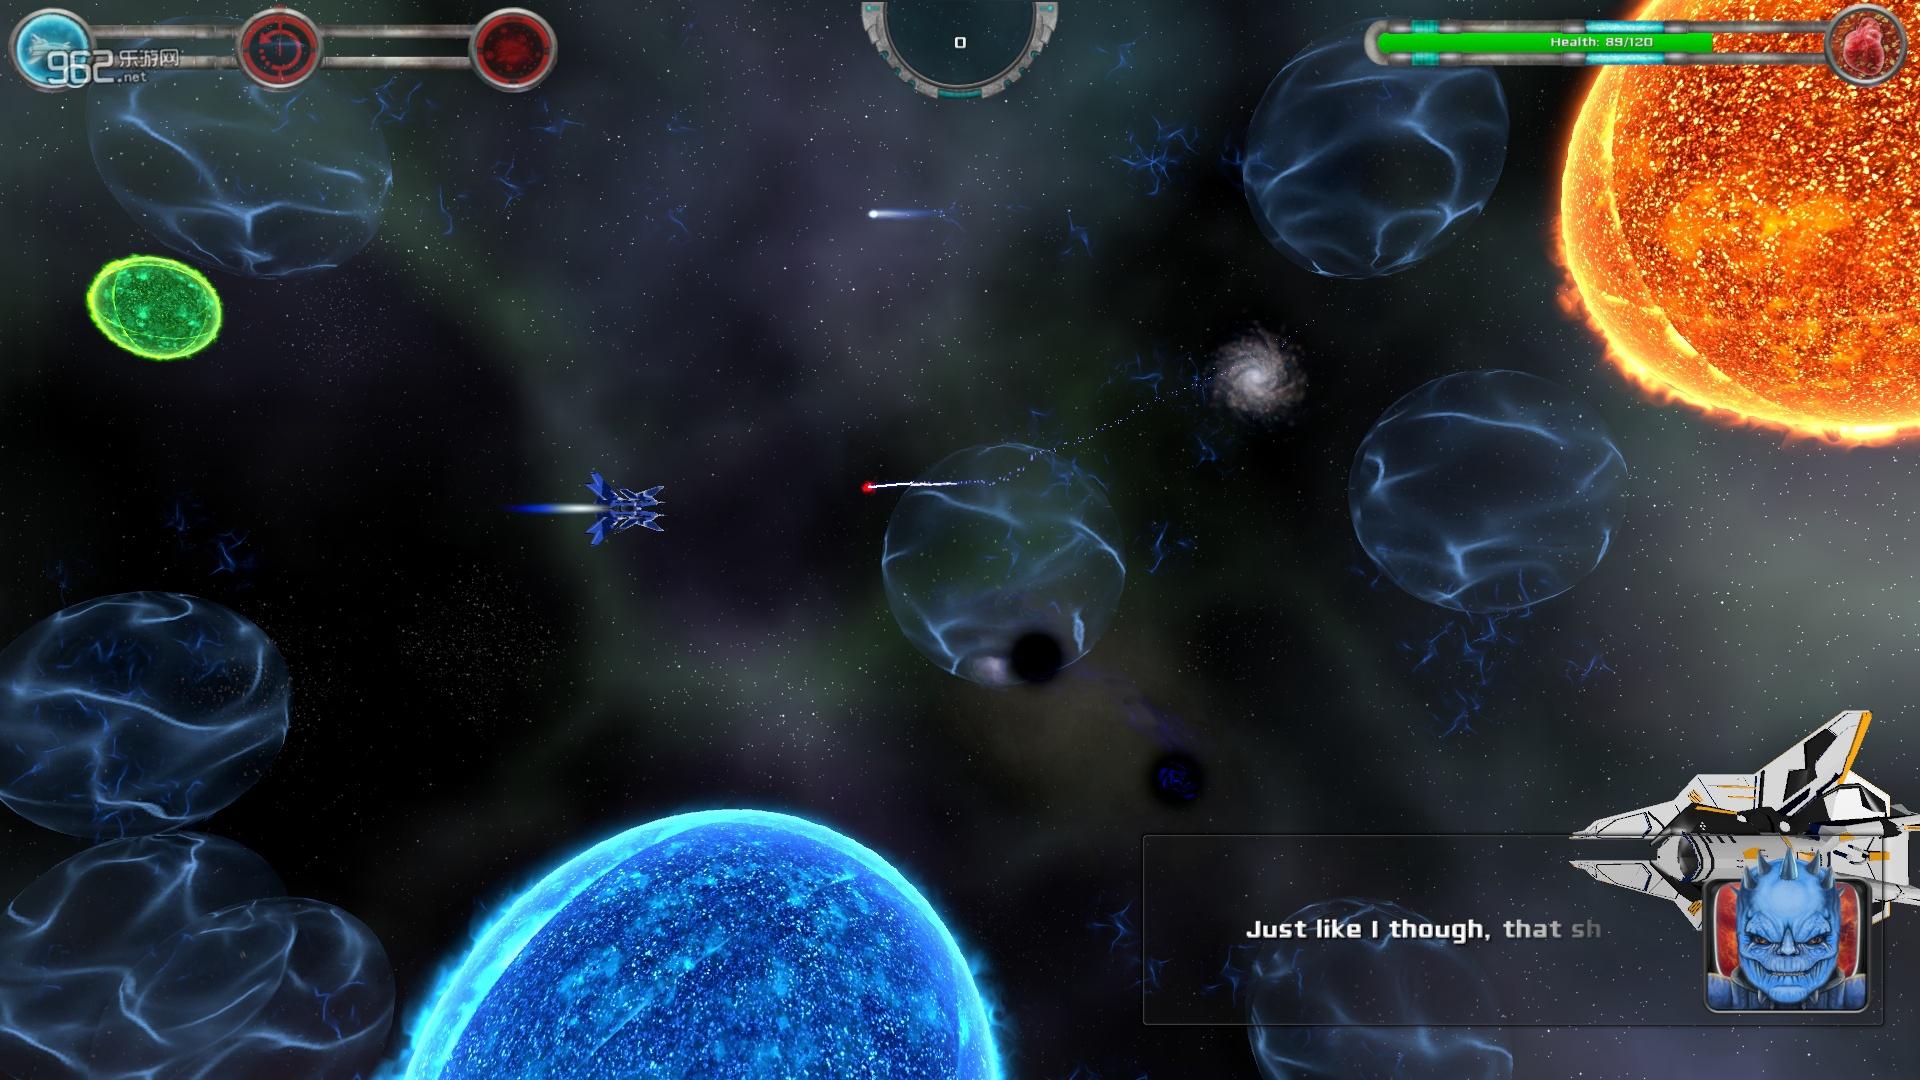 在游戏中需要操作飞船躲开各种陨石,收集太空中的能源,与各种boss战斗